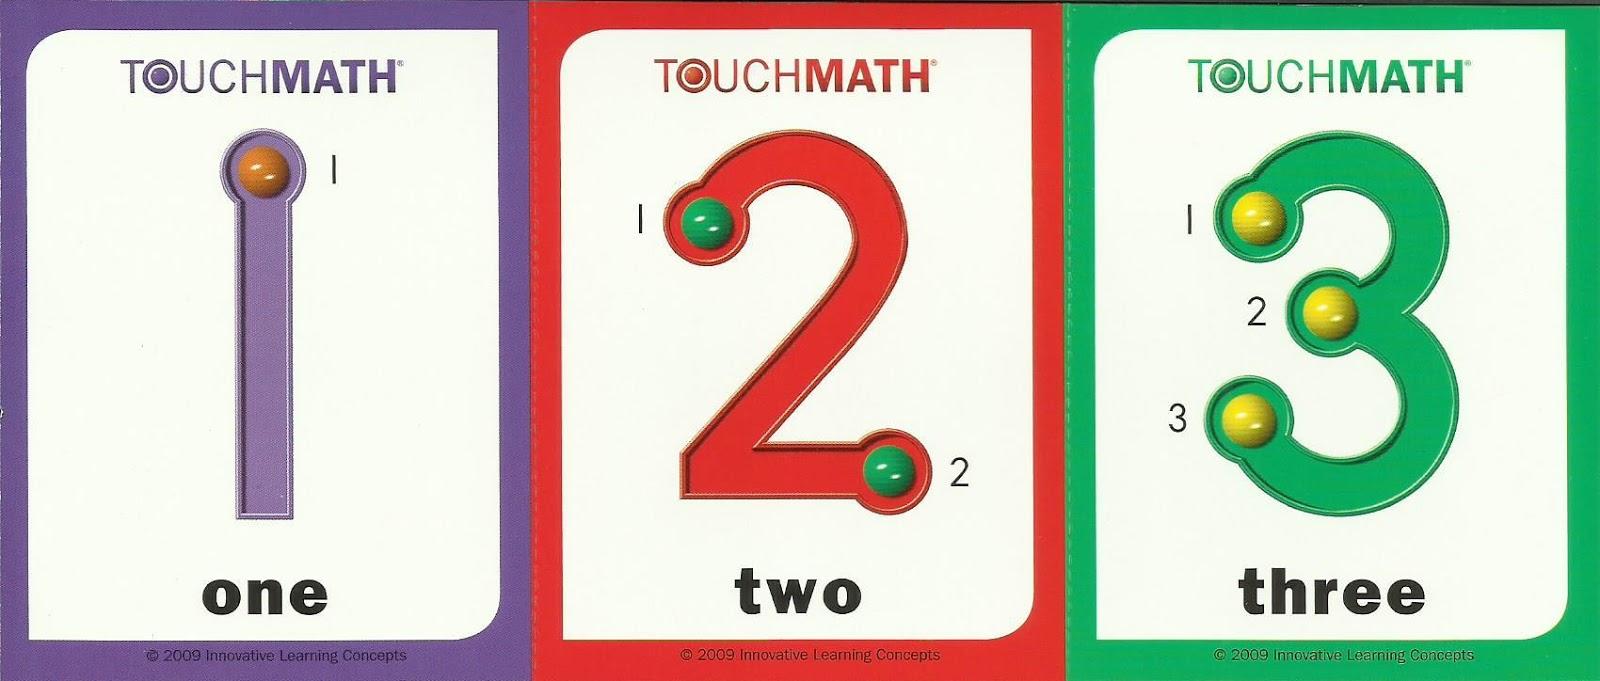 Touch Math